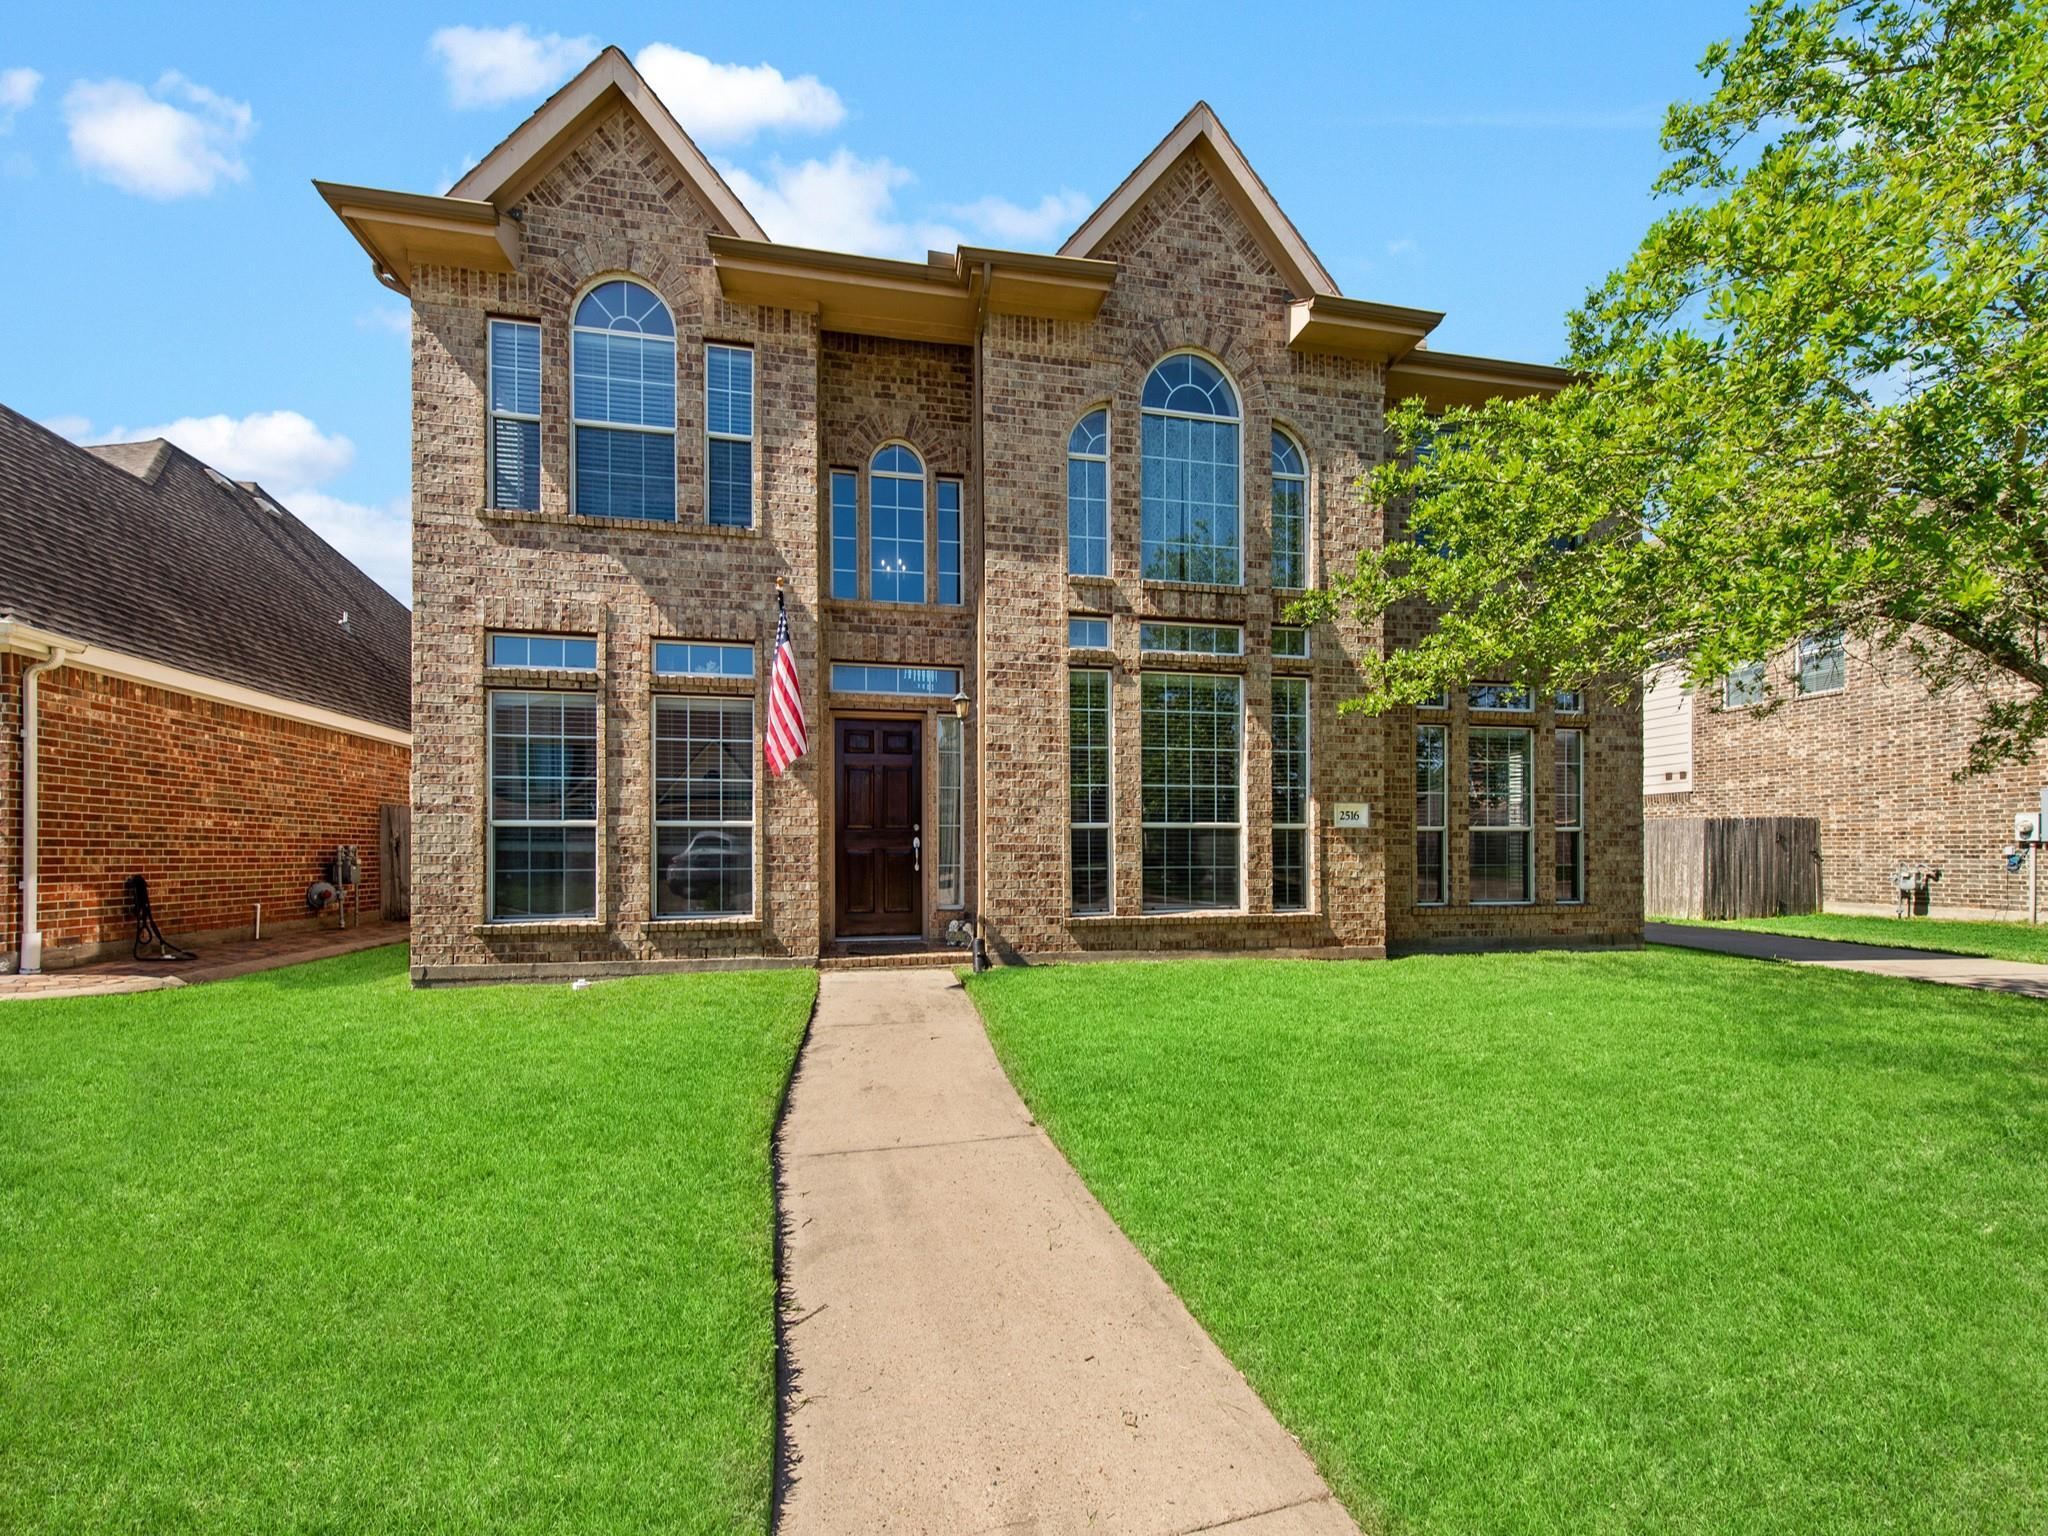 Amended Oak Rdg Mdws Sec Real Estate Listings Main Image